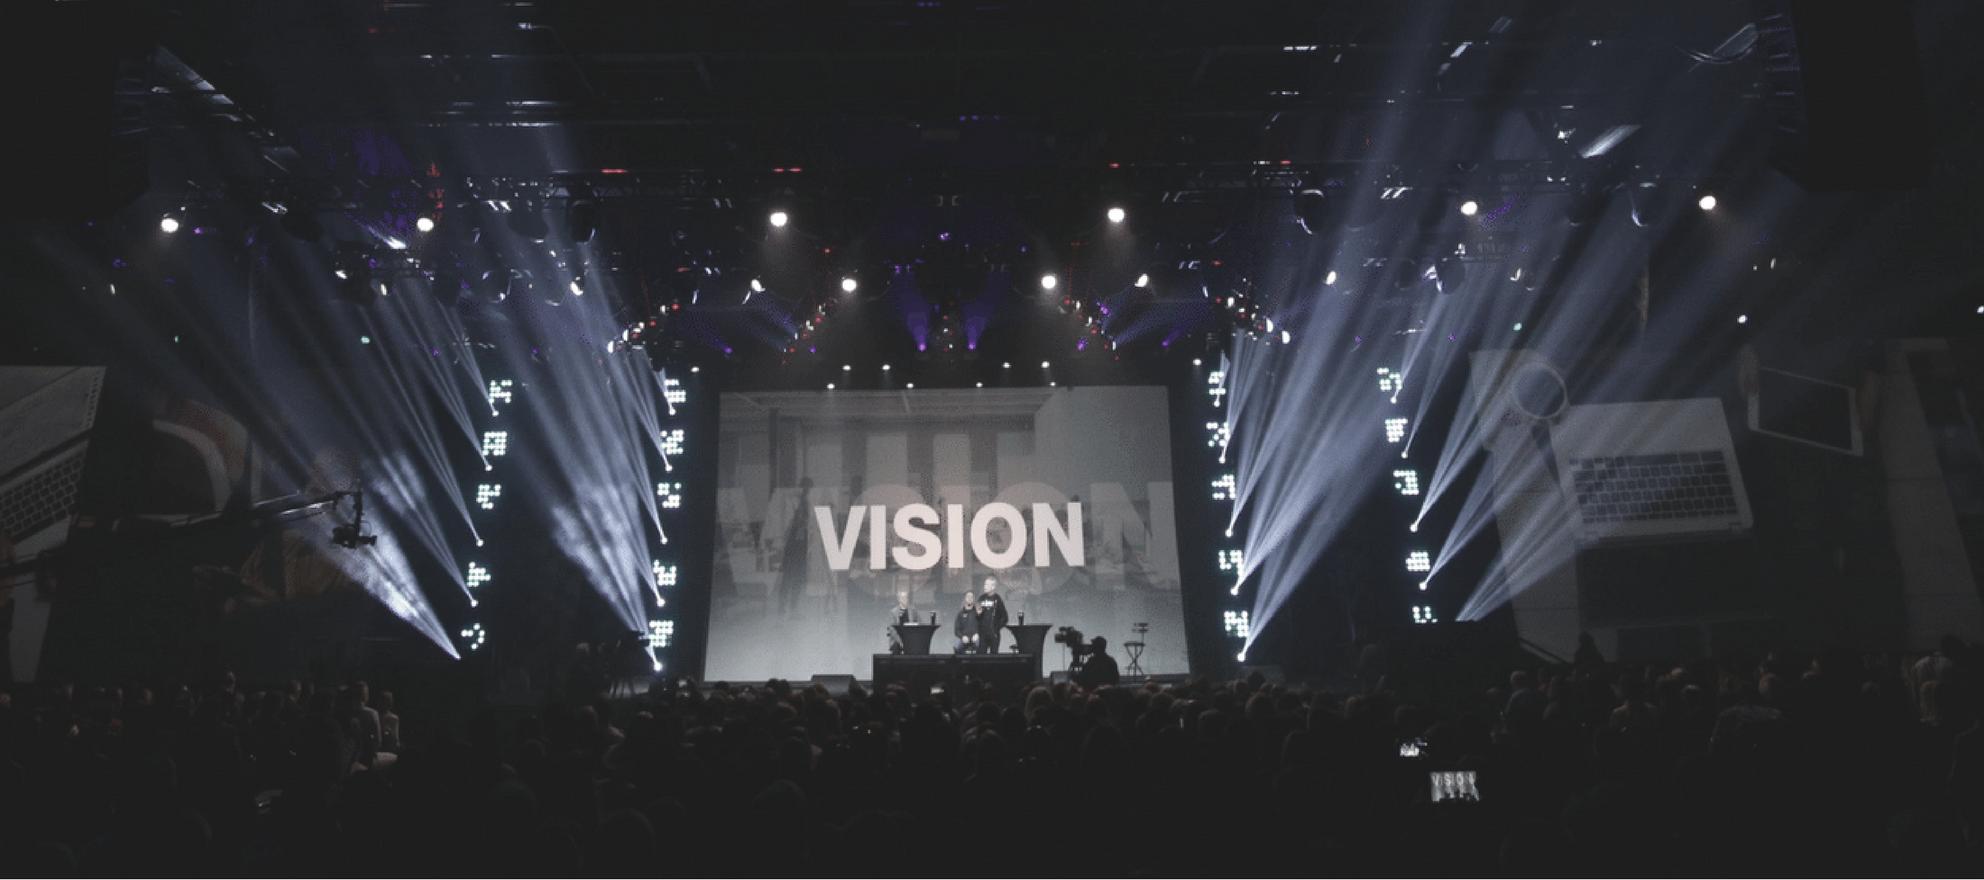 keller williams, vision speech